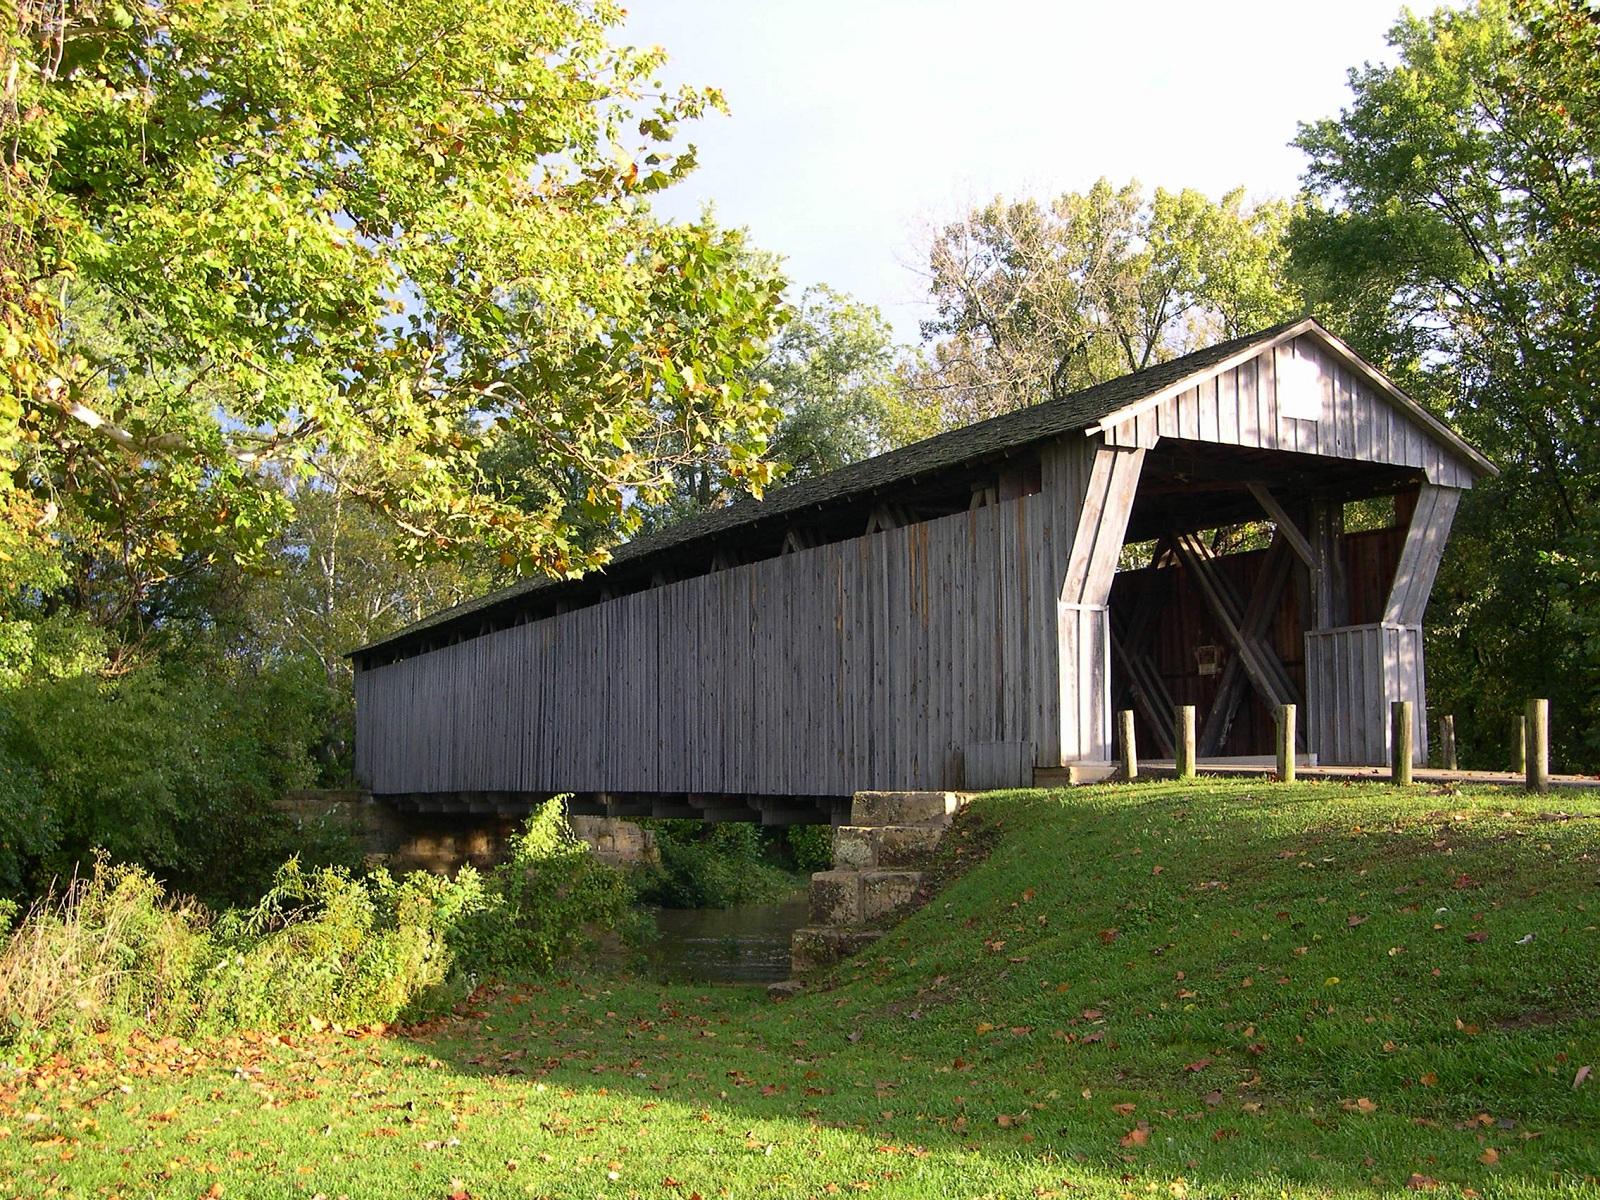 Ohio covered bridges pictures